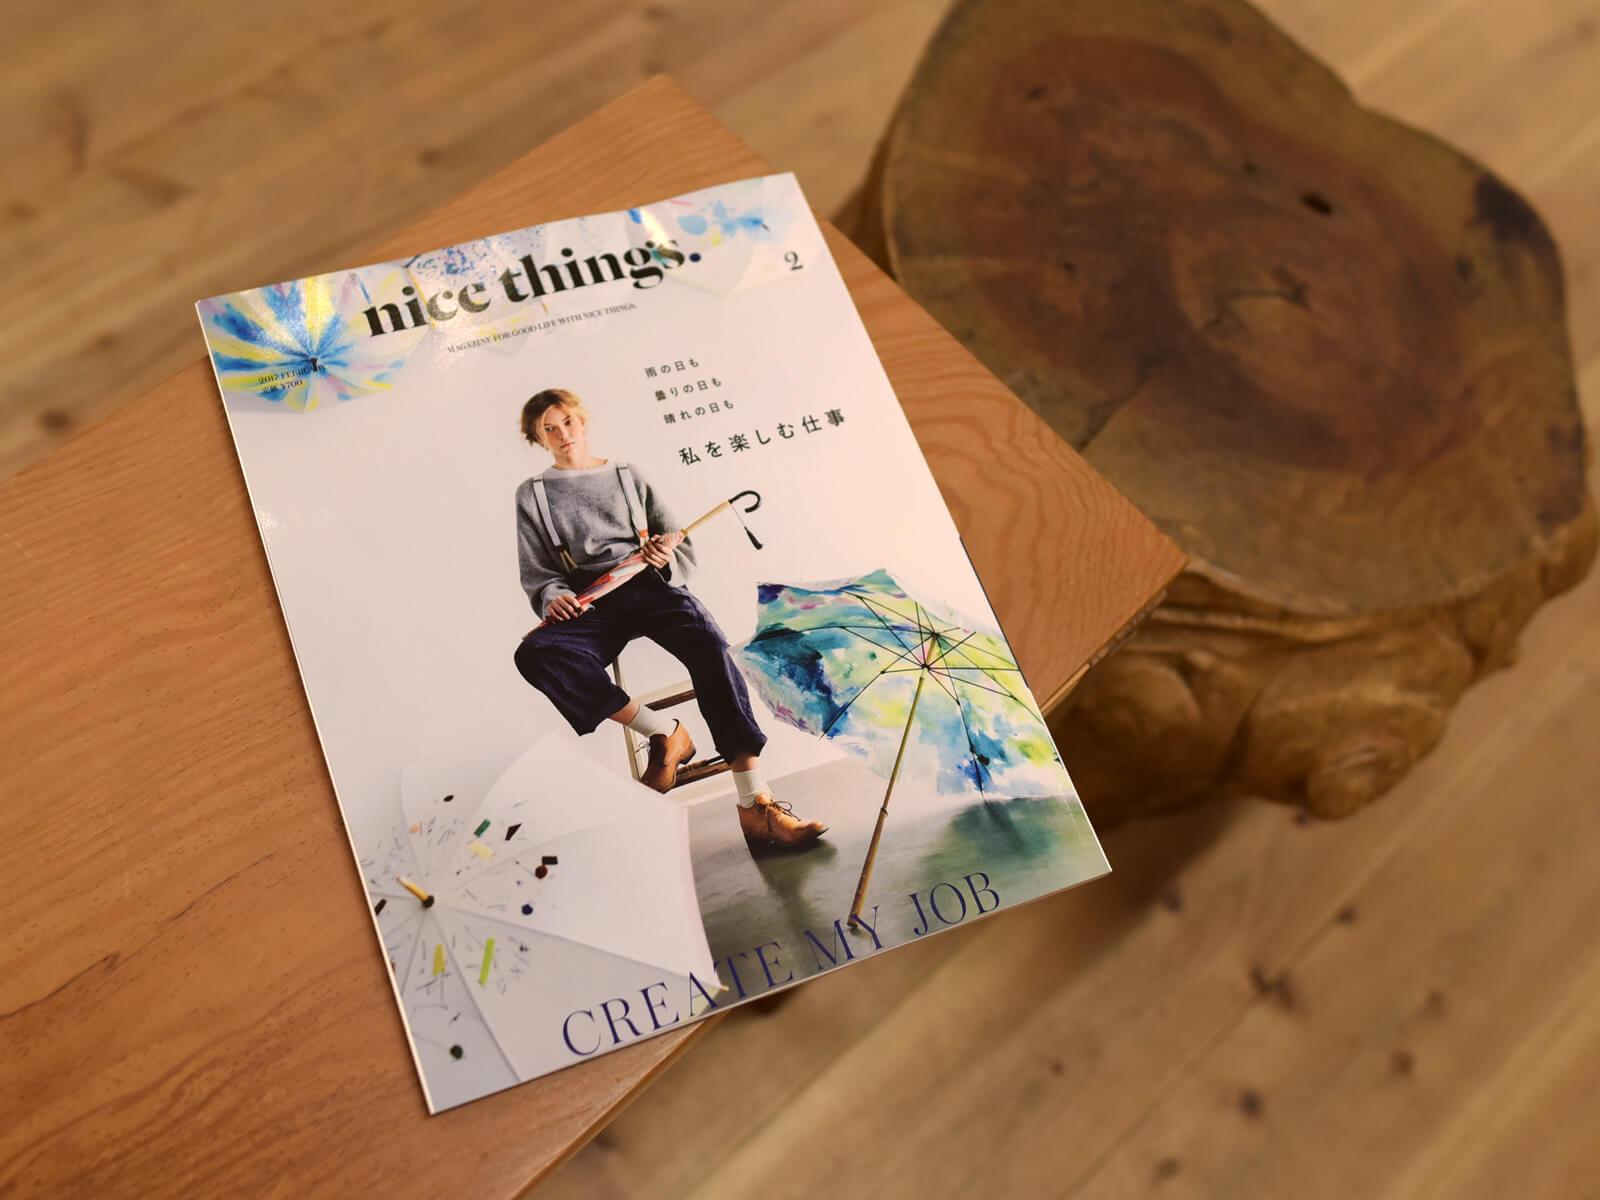 雑誌掲載のお知らせ「nice things. 2月号」